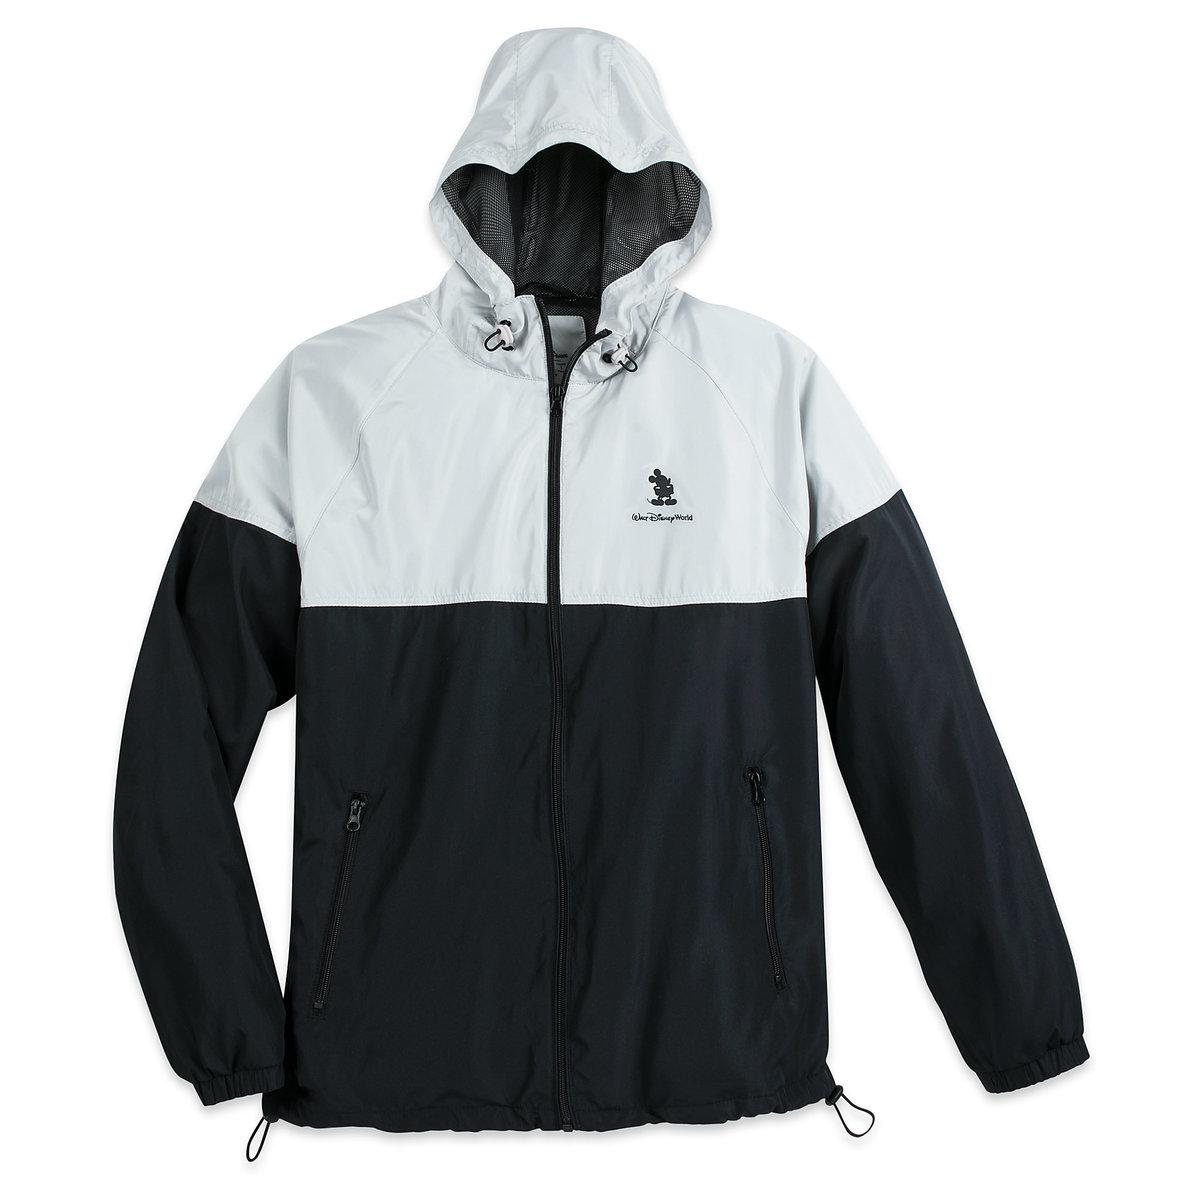 48913f1c1 Add to My Lists. Disney Men's Jacket - Disney World Hooded Windbreaker